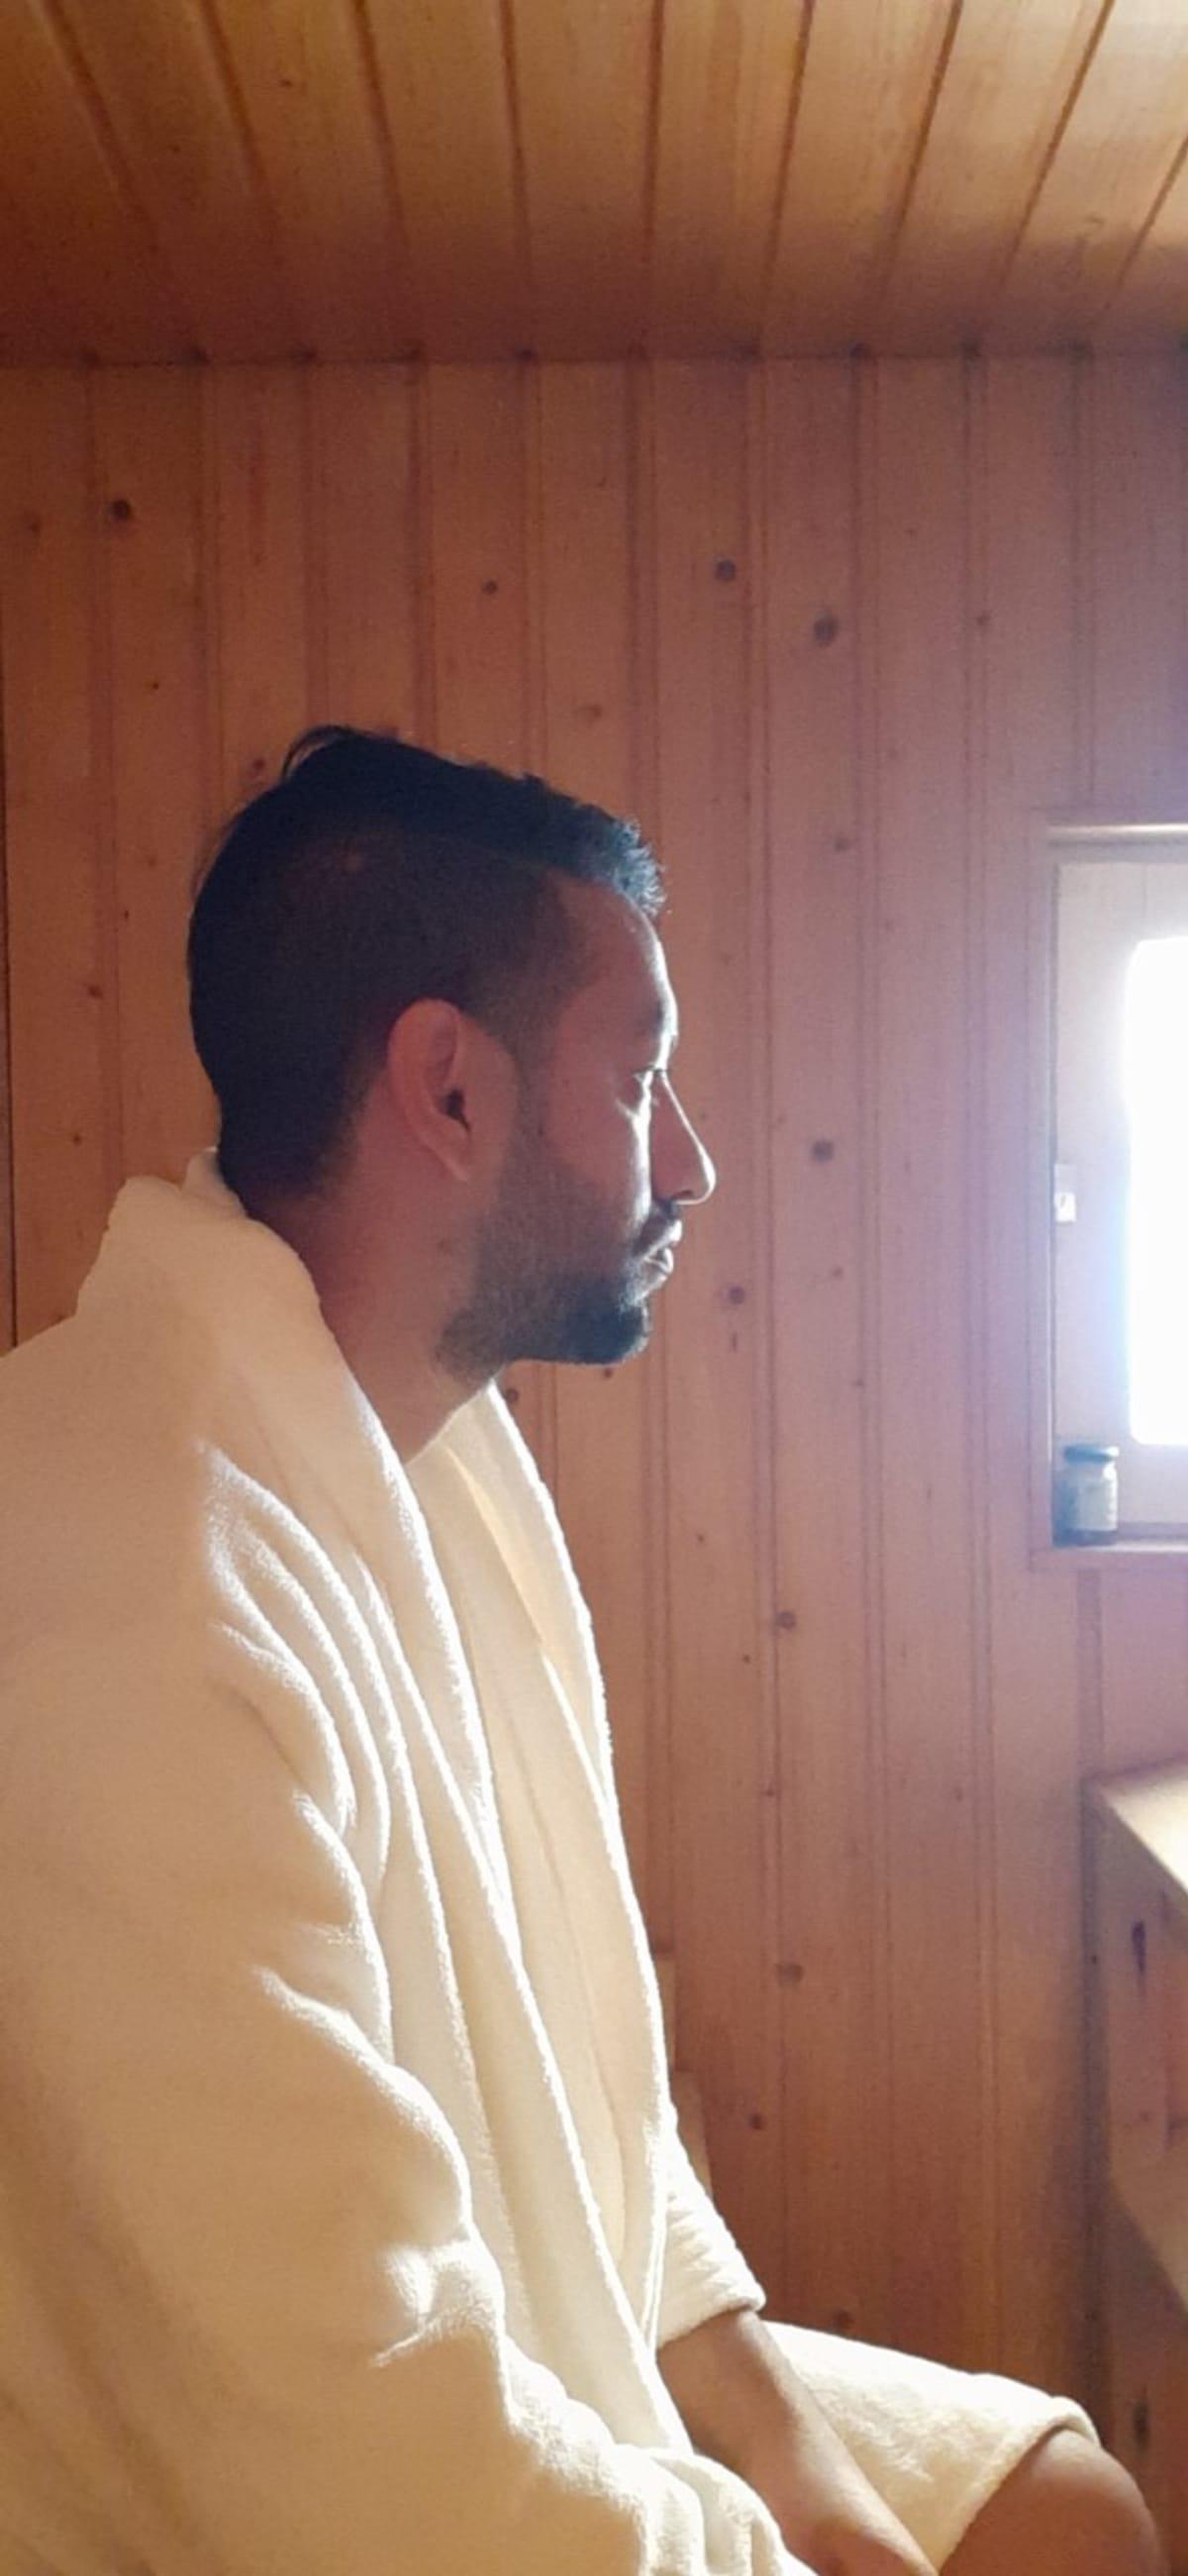 Pawan Aryal istuu saunatakki päällä saunassa.